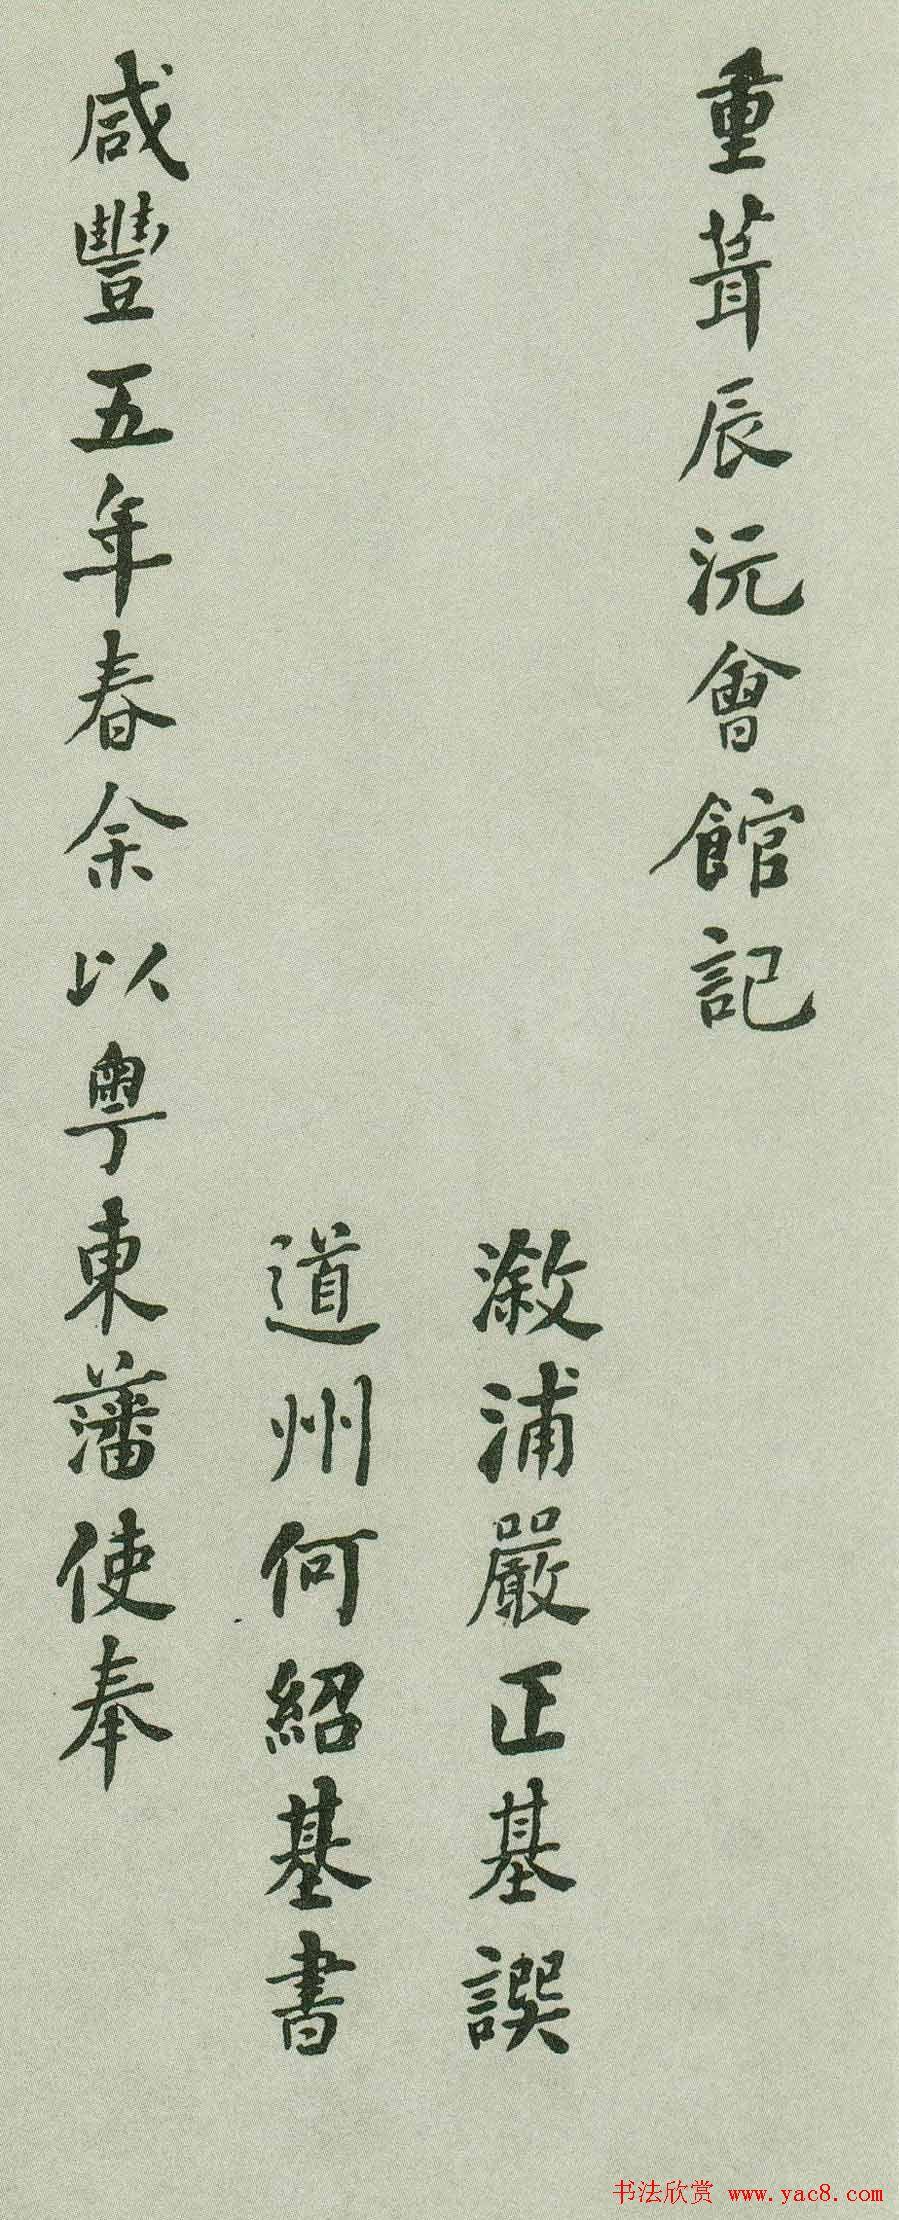 何绍基行楷书法欣赏《重葺辰沅会馆记》